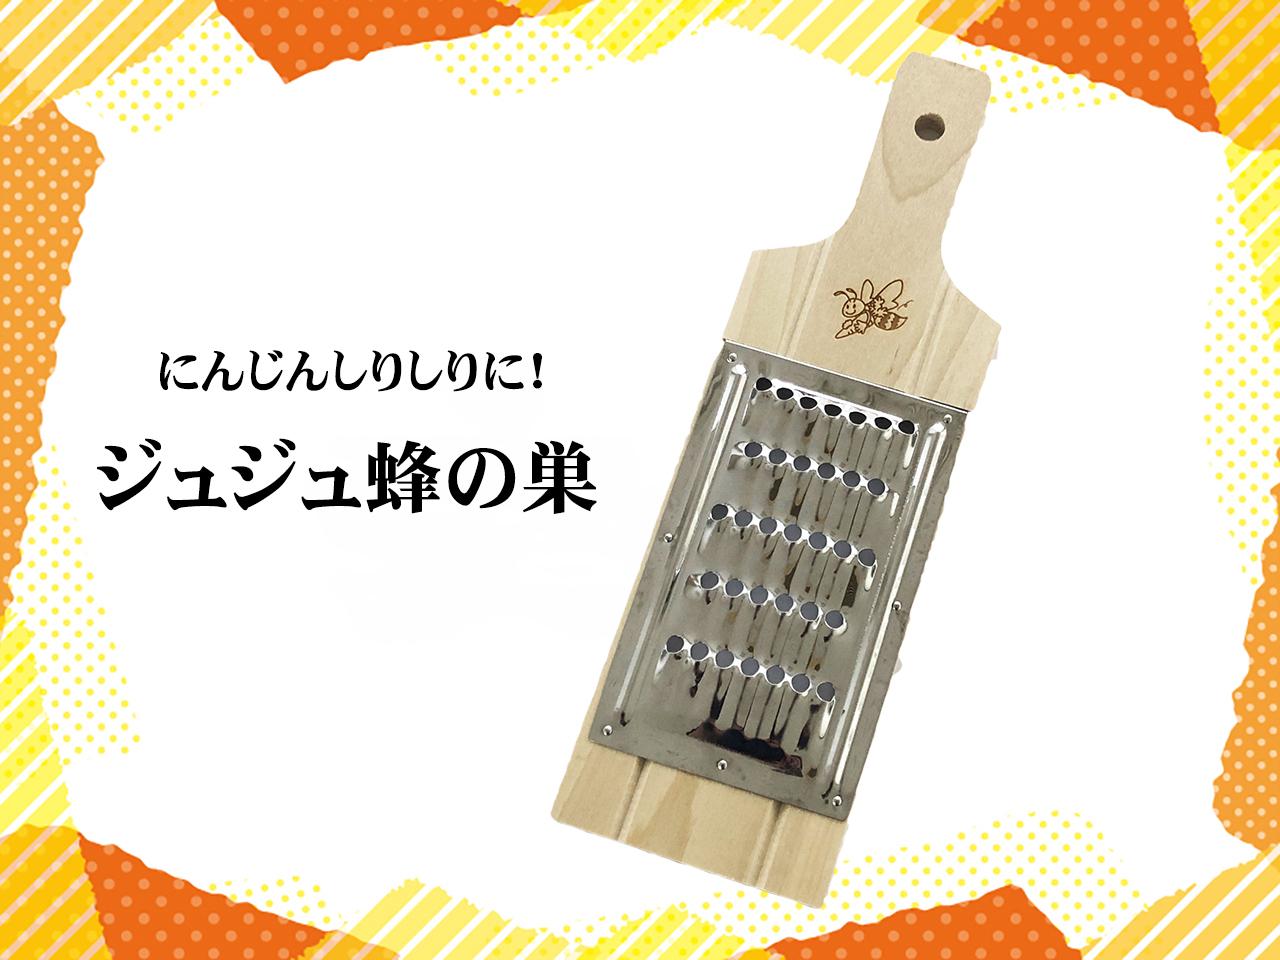 木製調理器 「ジュジュ蜂の巣(オンラインshop限定 はちのロゴ付き)」 にんじんしりしりに! ポストIN発送対応商品